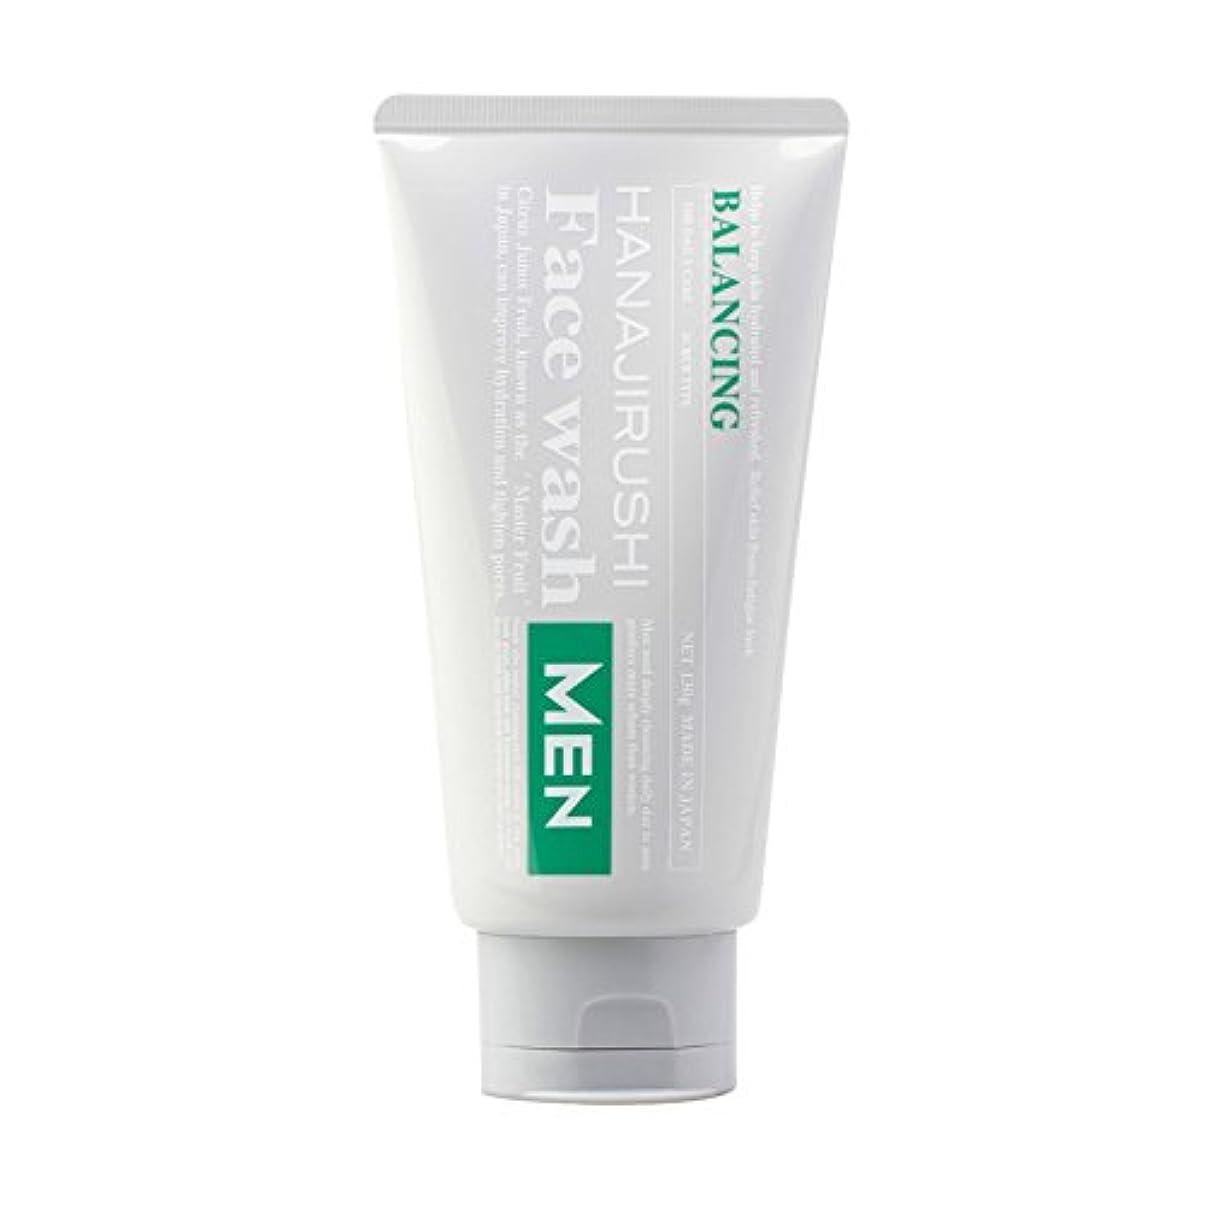 利益却下するベット花印 メンズバランシング洗顔 (130g)